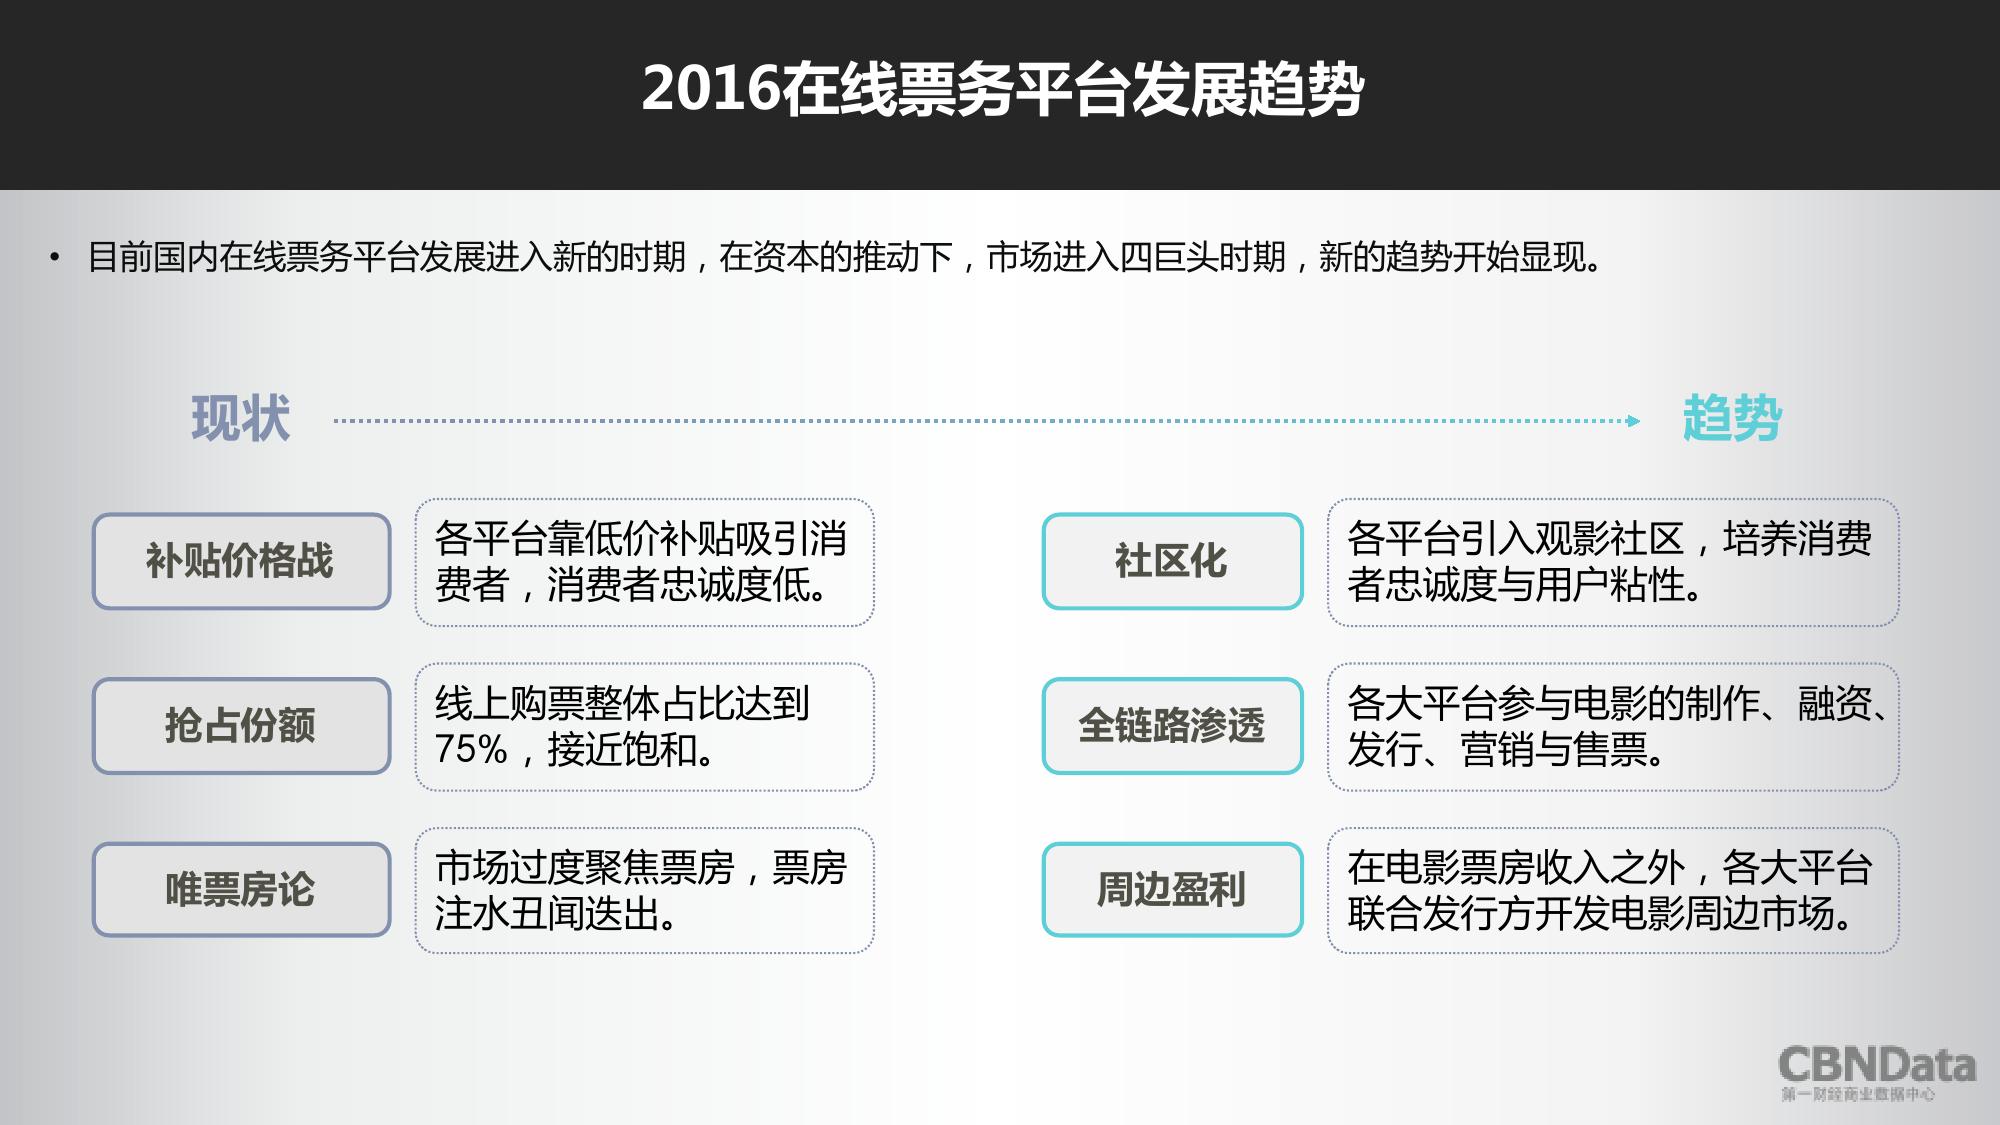 2016上半年中国在线票务平台大数据报告_000032